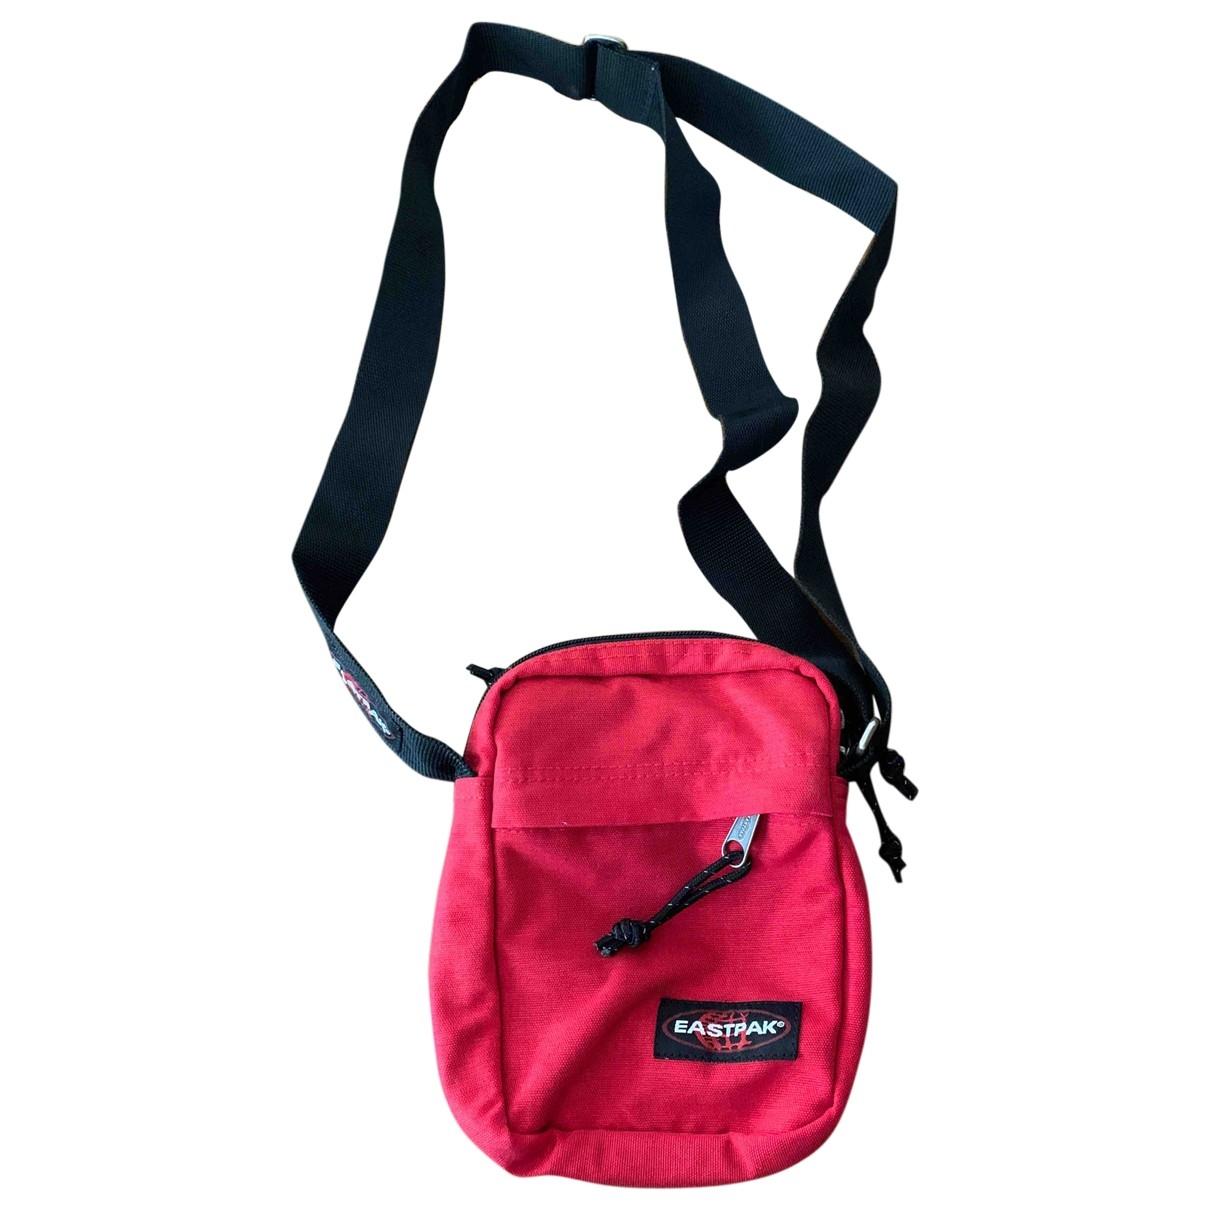 Eastpak \N Red bag & Pencil cases for Kids \N